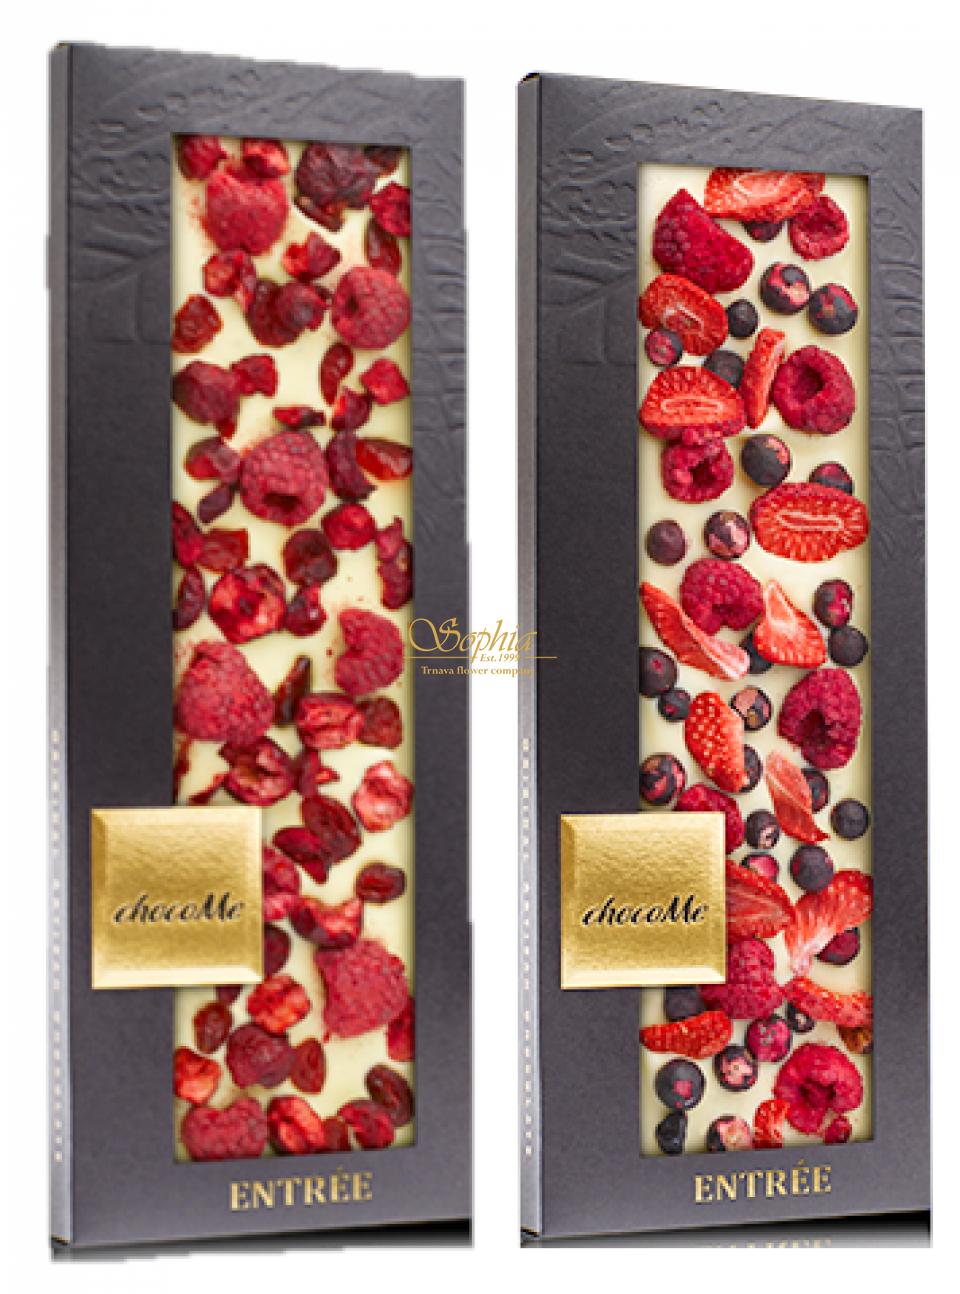 Biela čokoláda chocoMe Entreé 110g